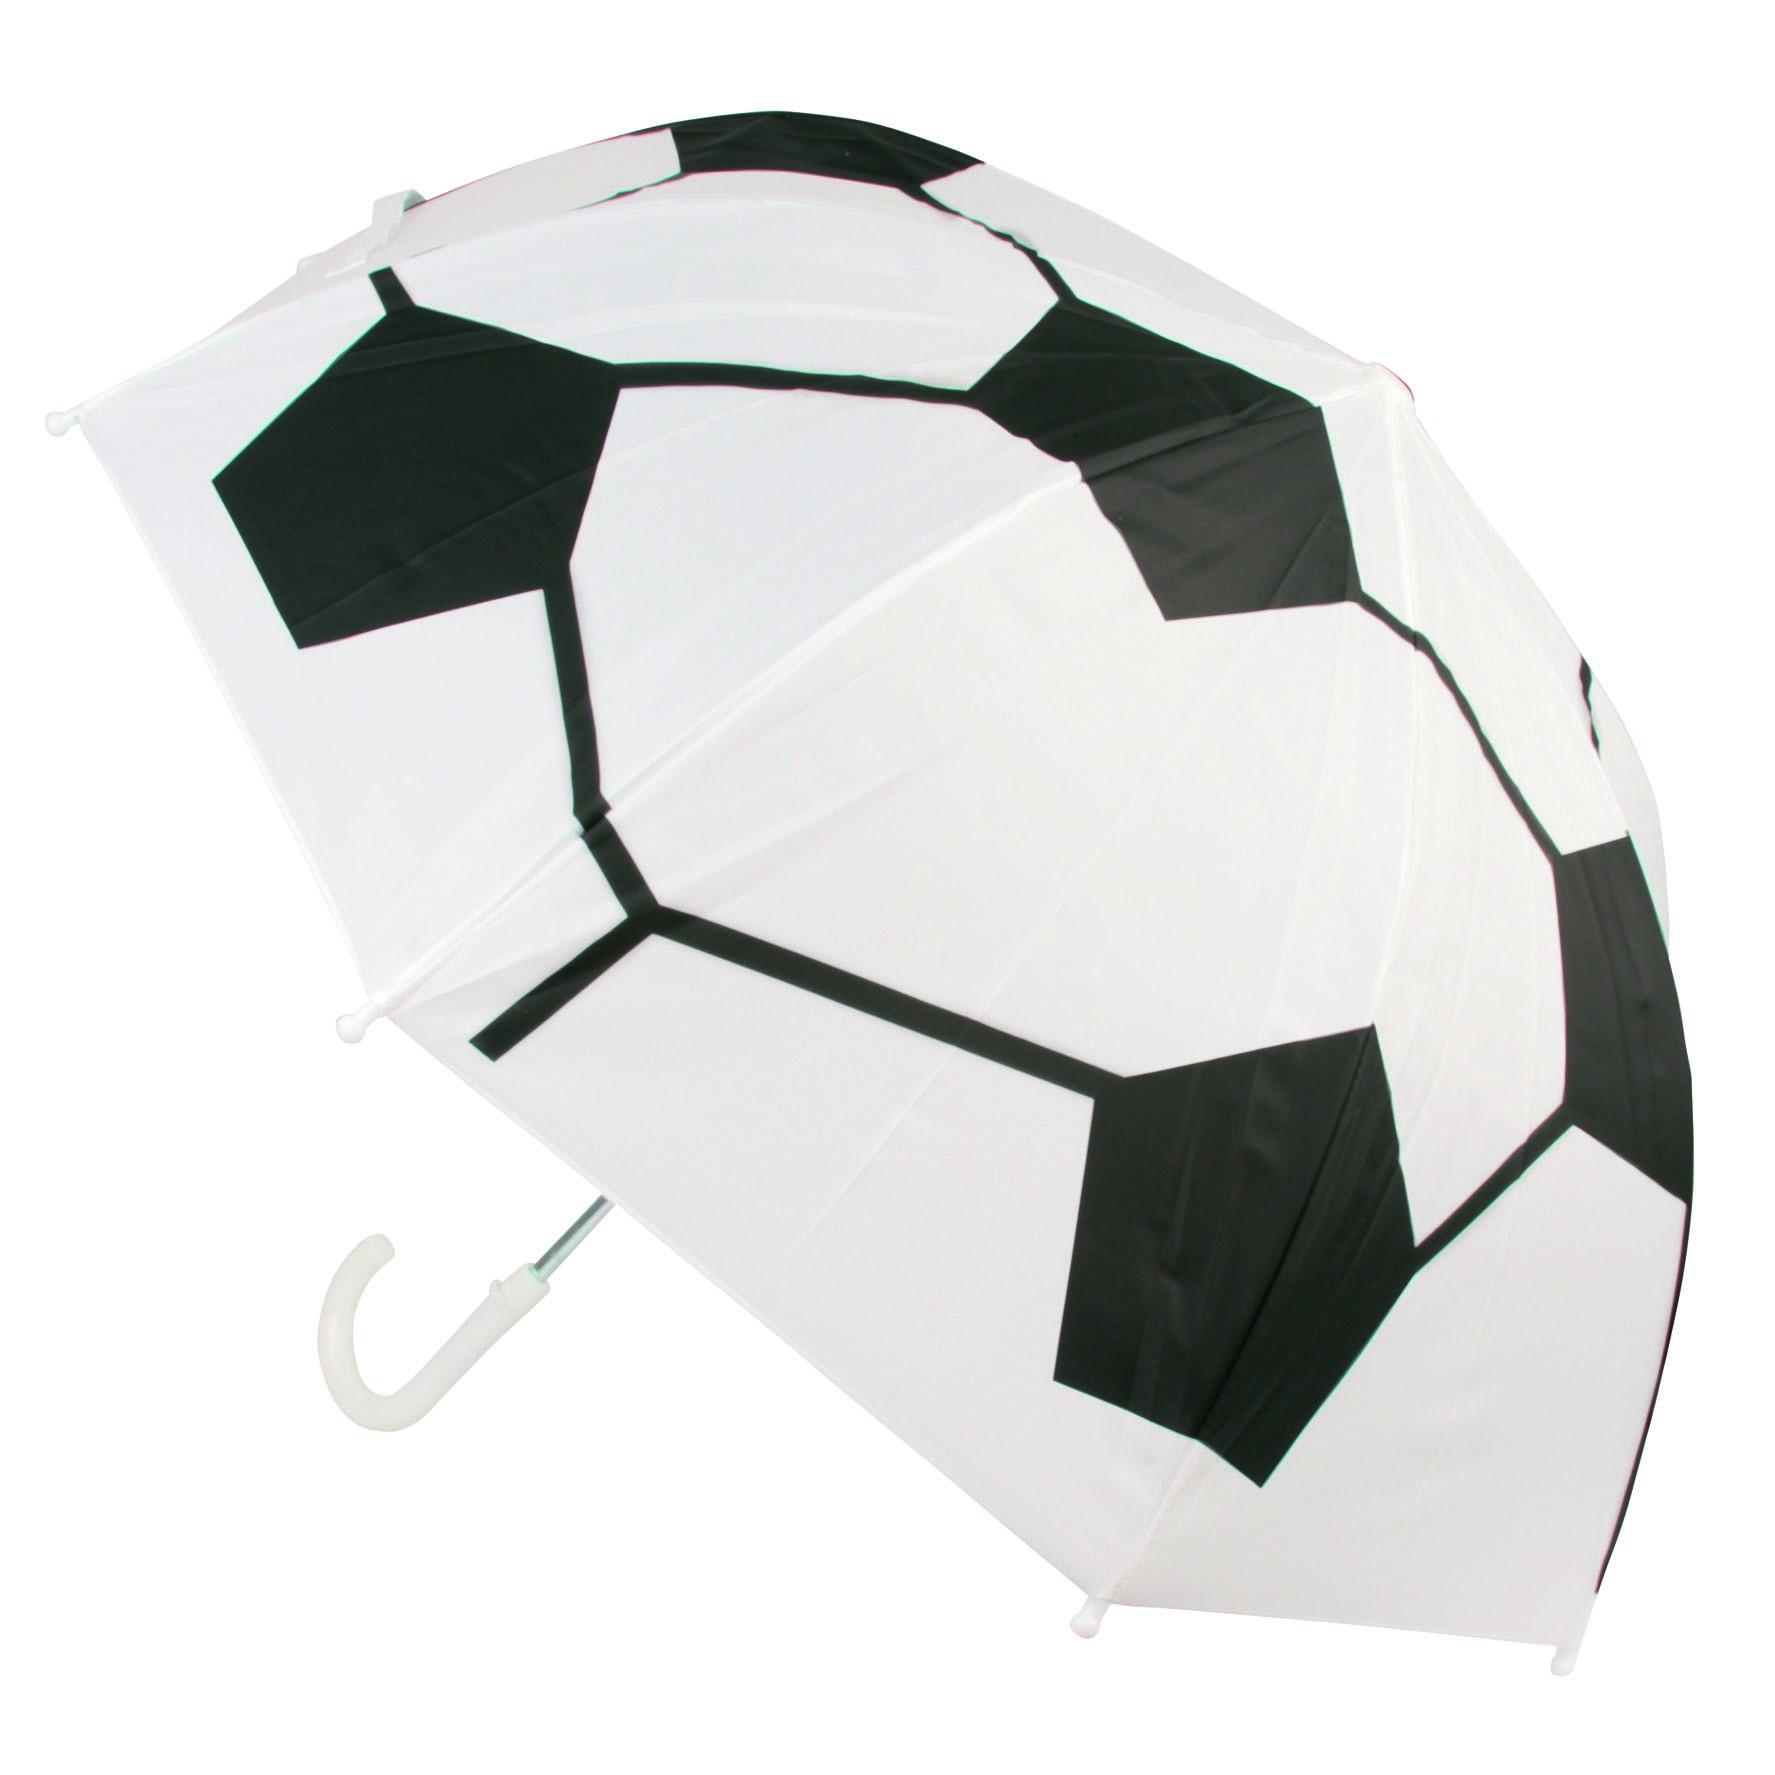 Parapluie animaux pour enfant -99